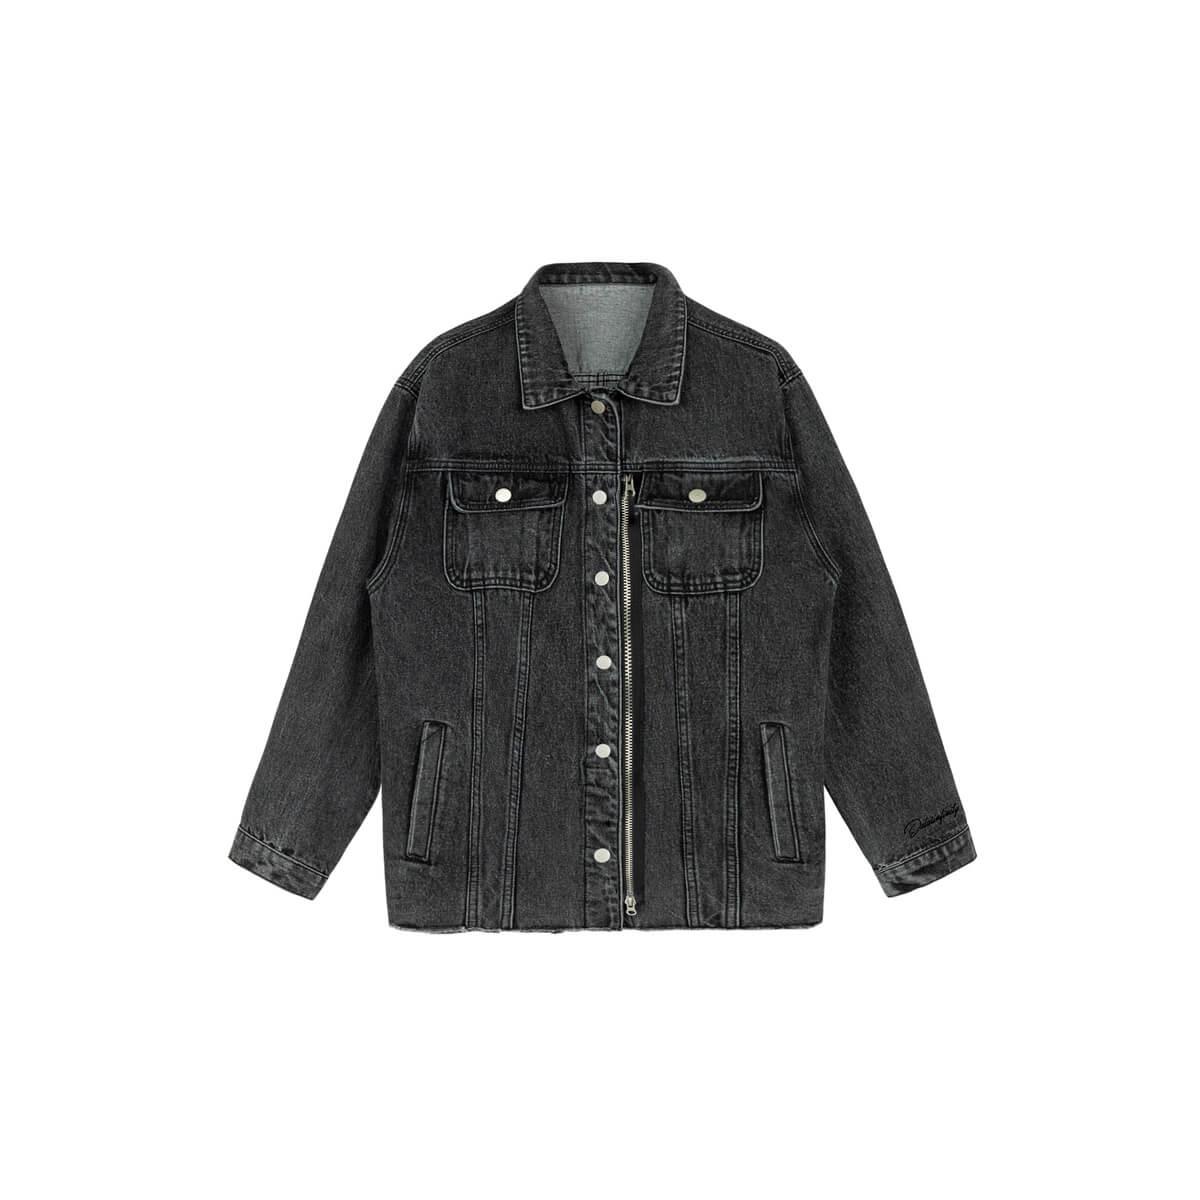 Джинсовая куртка DL Studio Denim Zipper Jacket Dark Gray